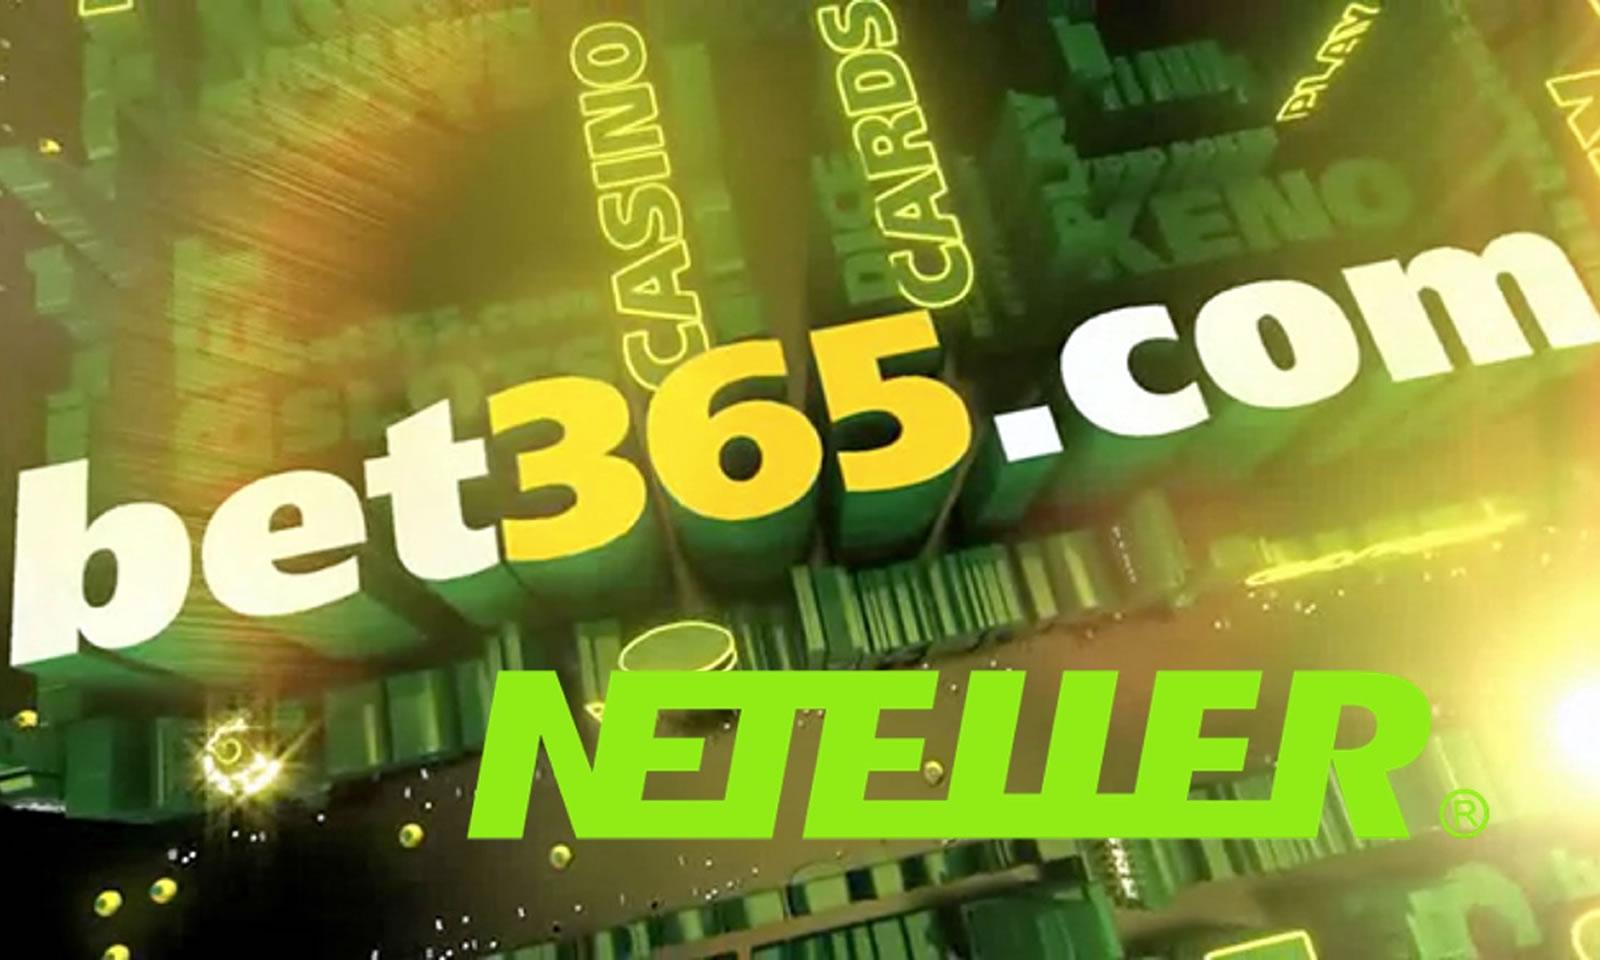 ¿Cómo depositar en Bet365 con Neteller?